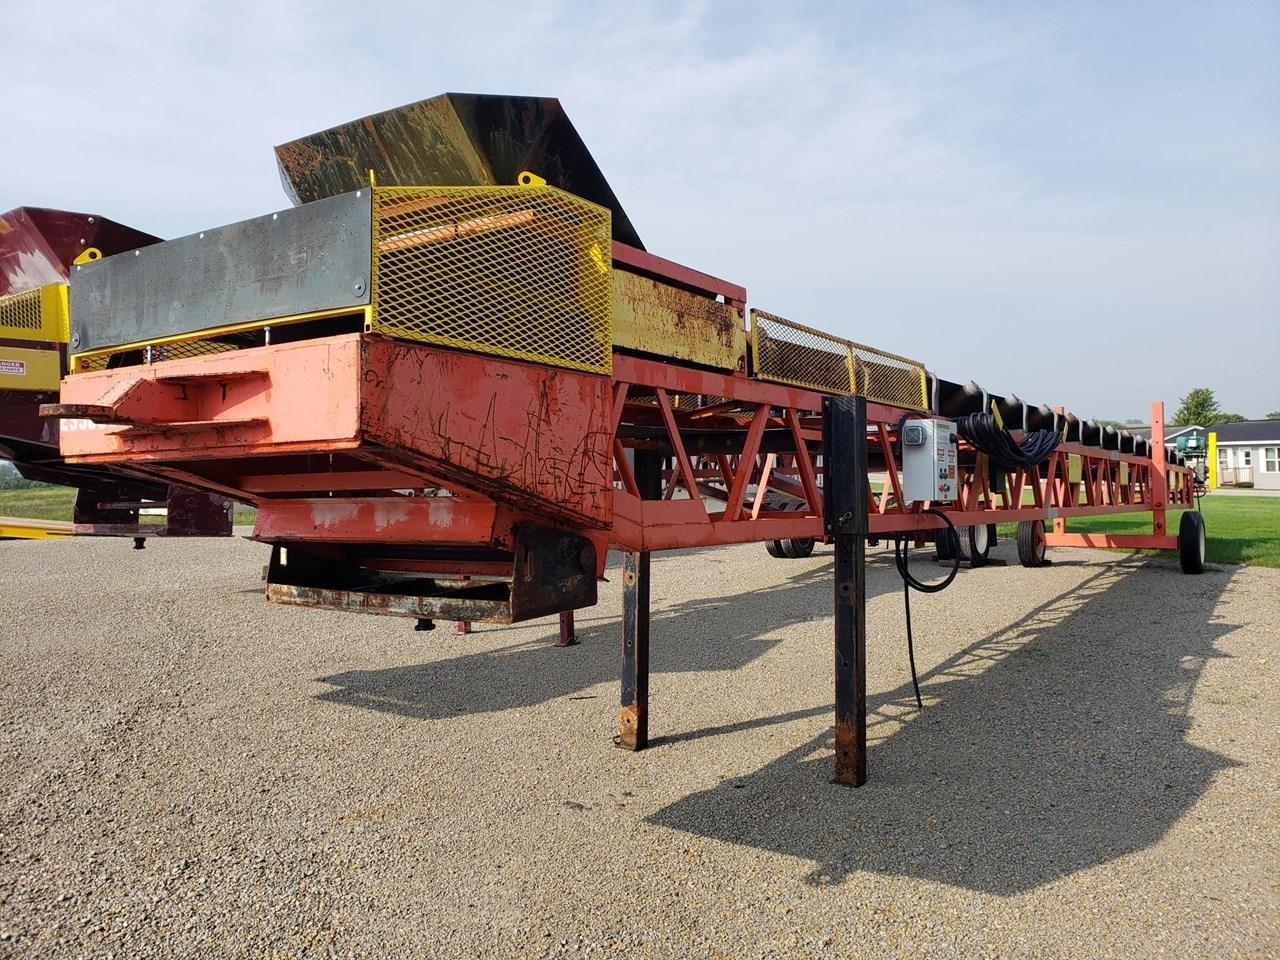 2015 KAFKA 3670 Conveyor - Transfer For Sale